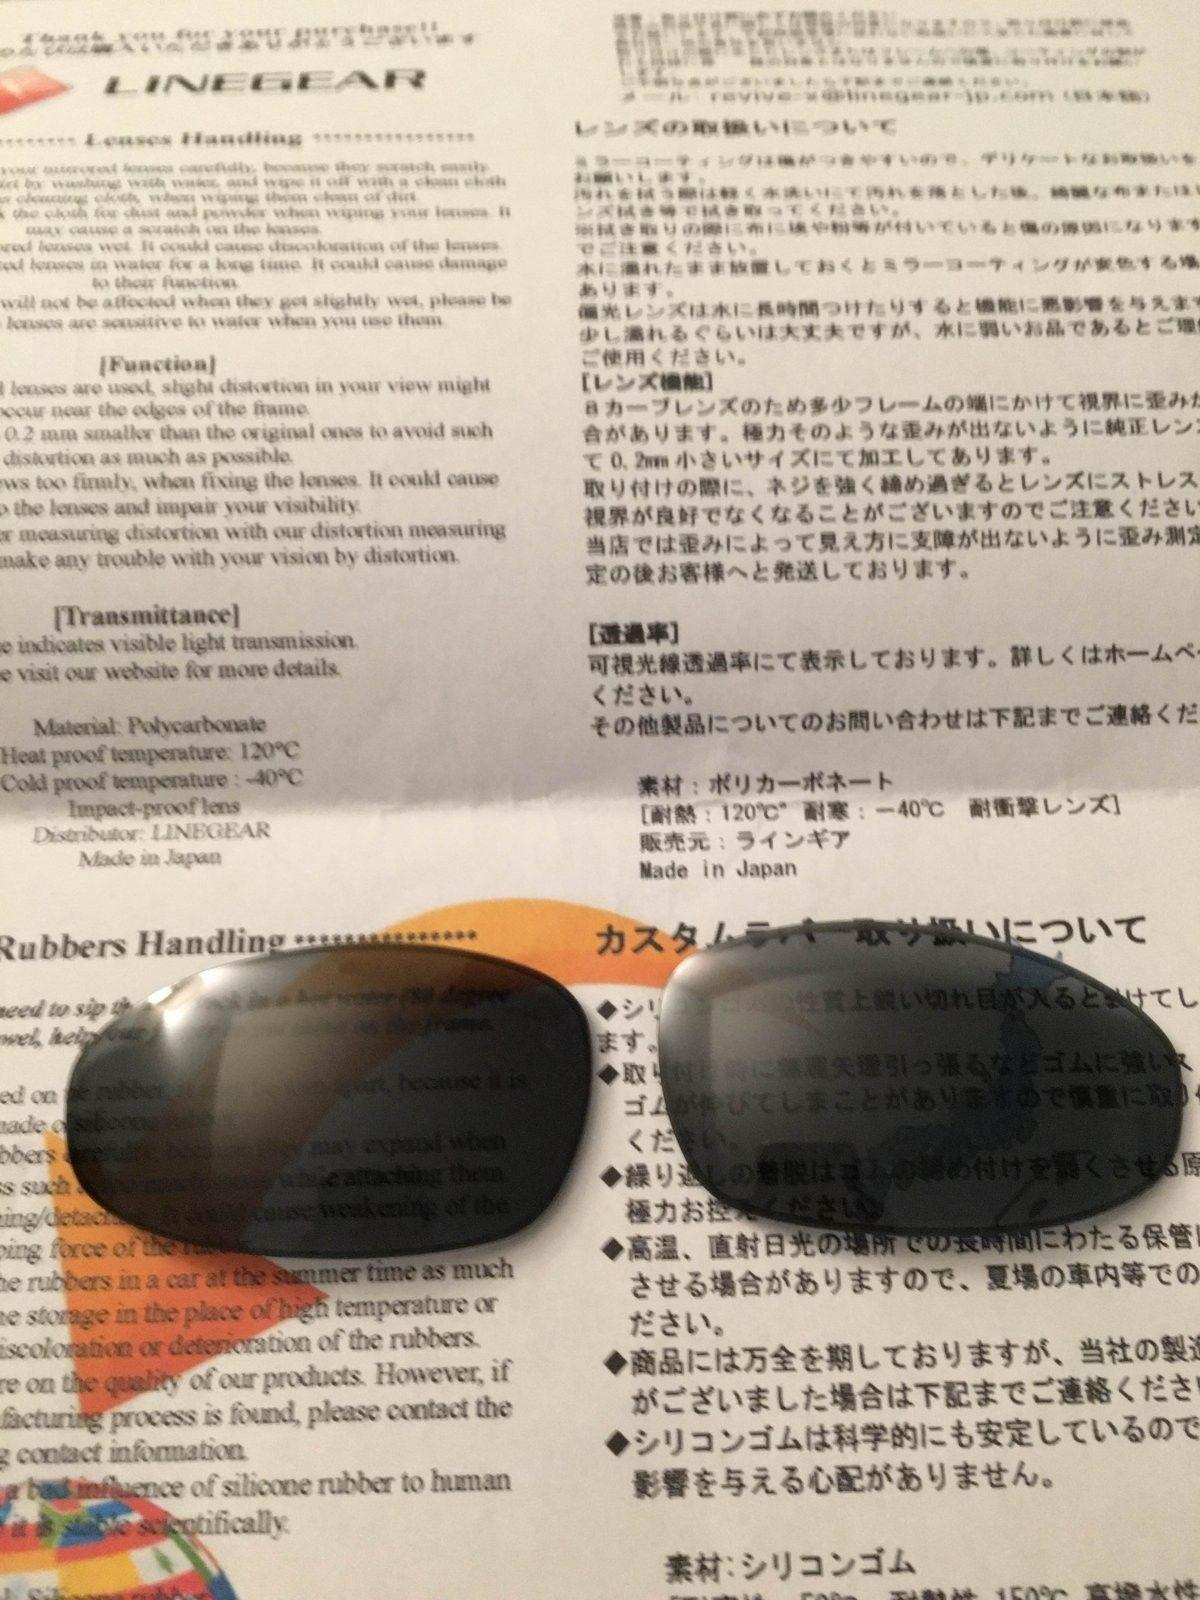 Linegear Oakley Juliet NXT Lens Review - IMG_2334.JPG